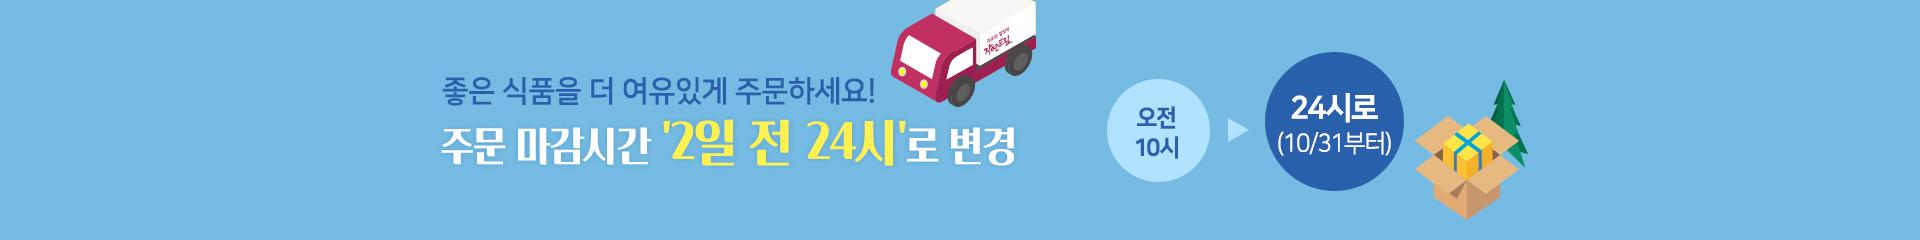 온라인주문마감시간연장